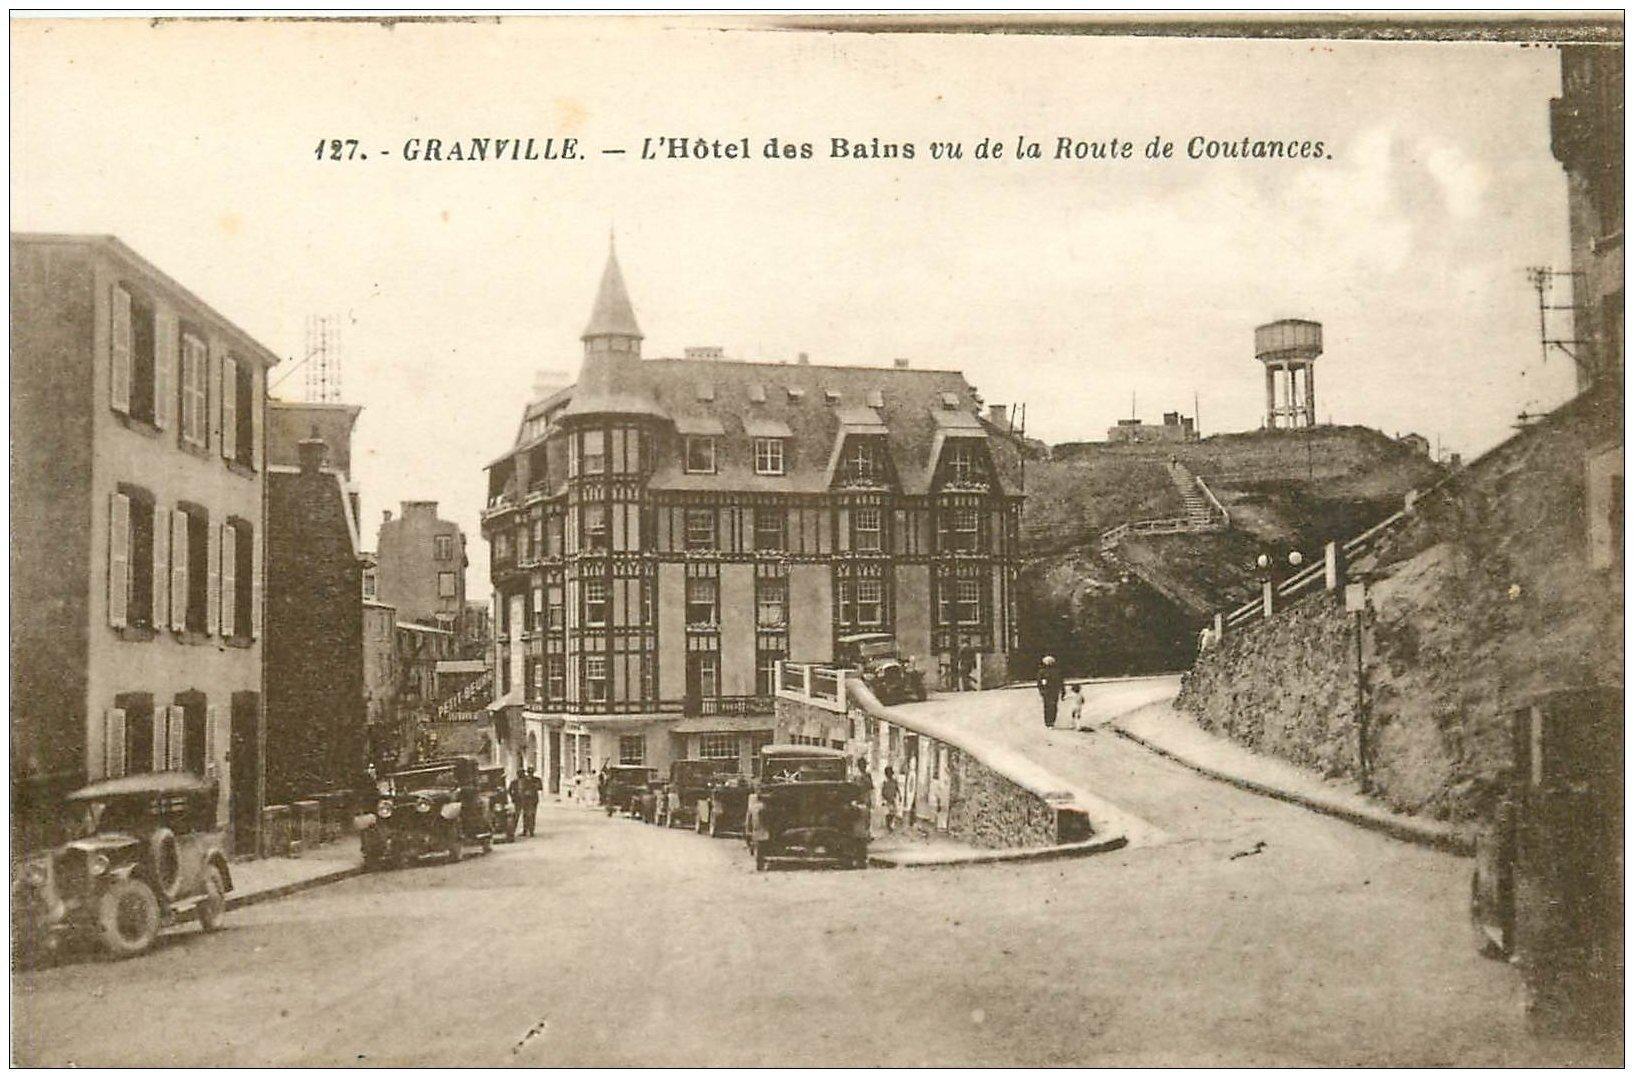 carte postale ancienne 50 GRANVILLE. Hôtel des Bains route de Coutances voitures anciennes